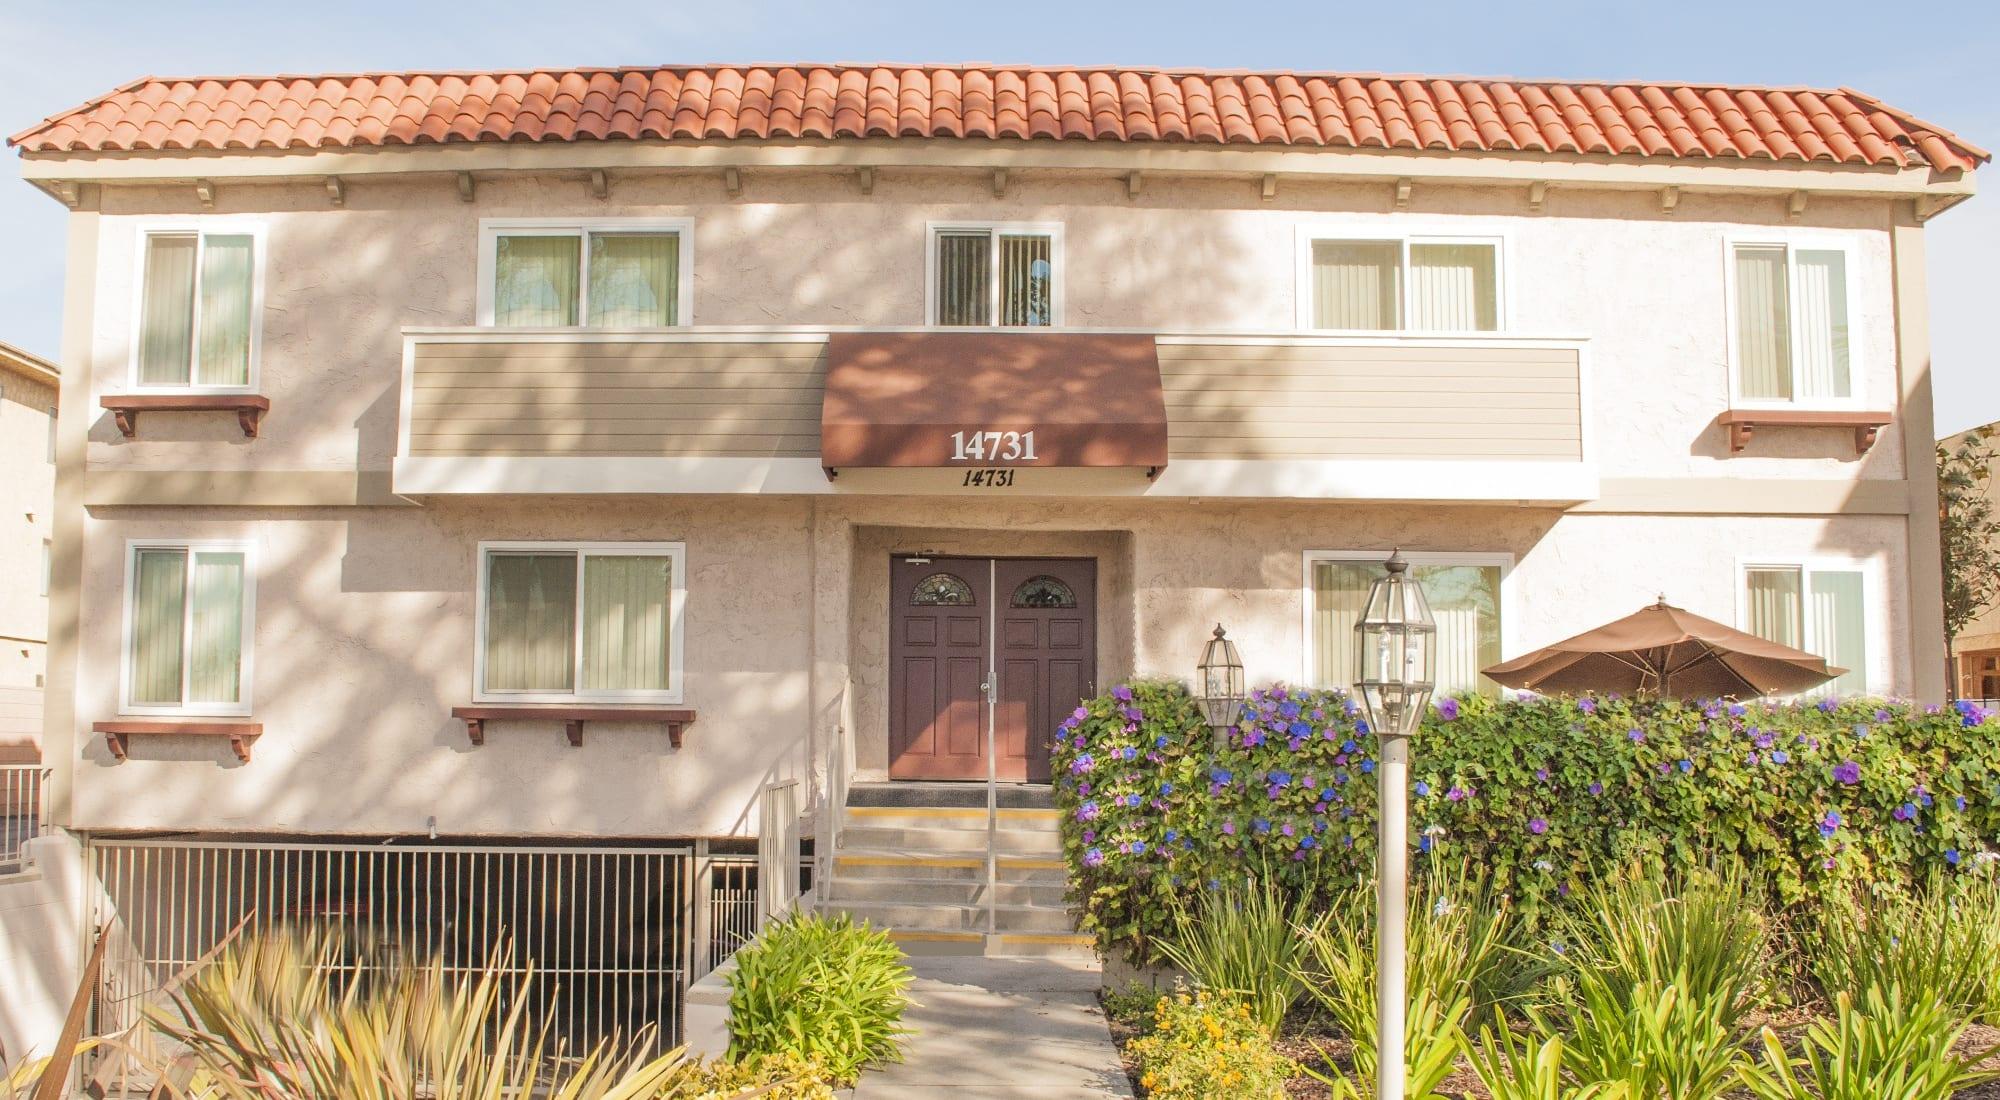 Apartments in Van Nuys, CA